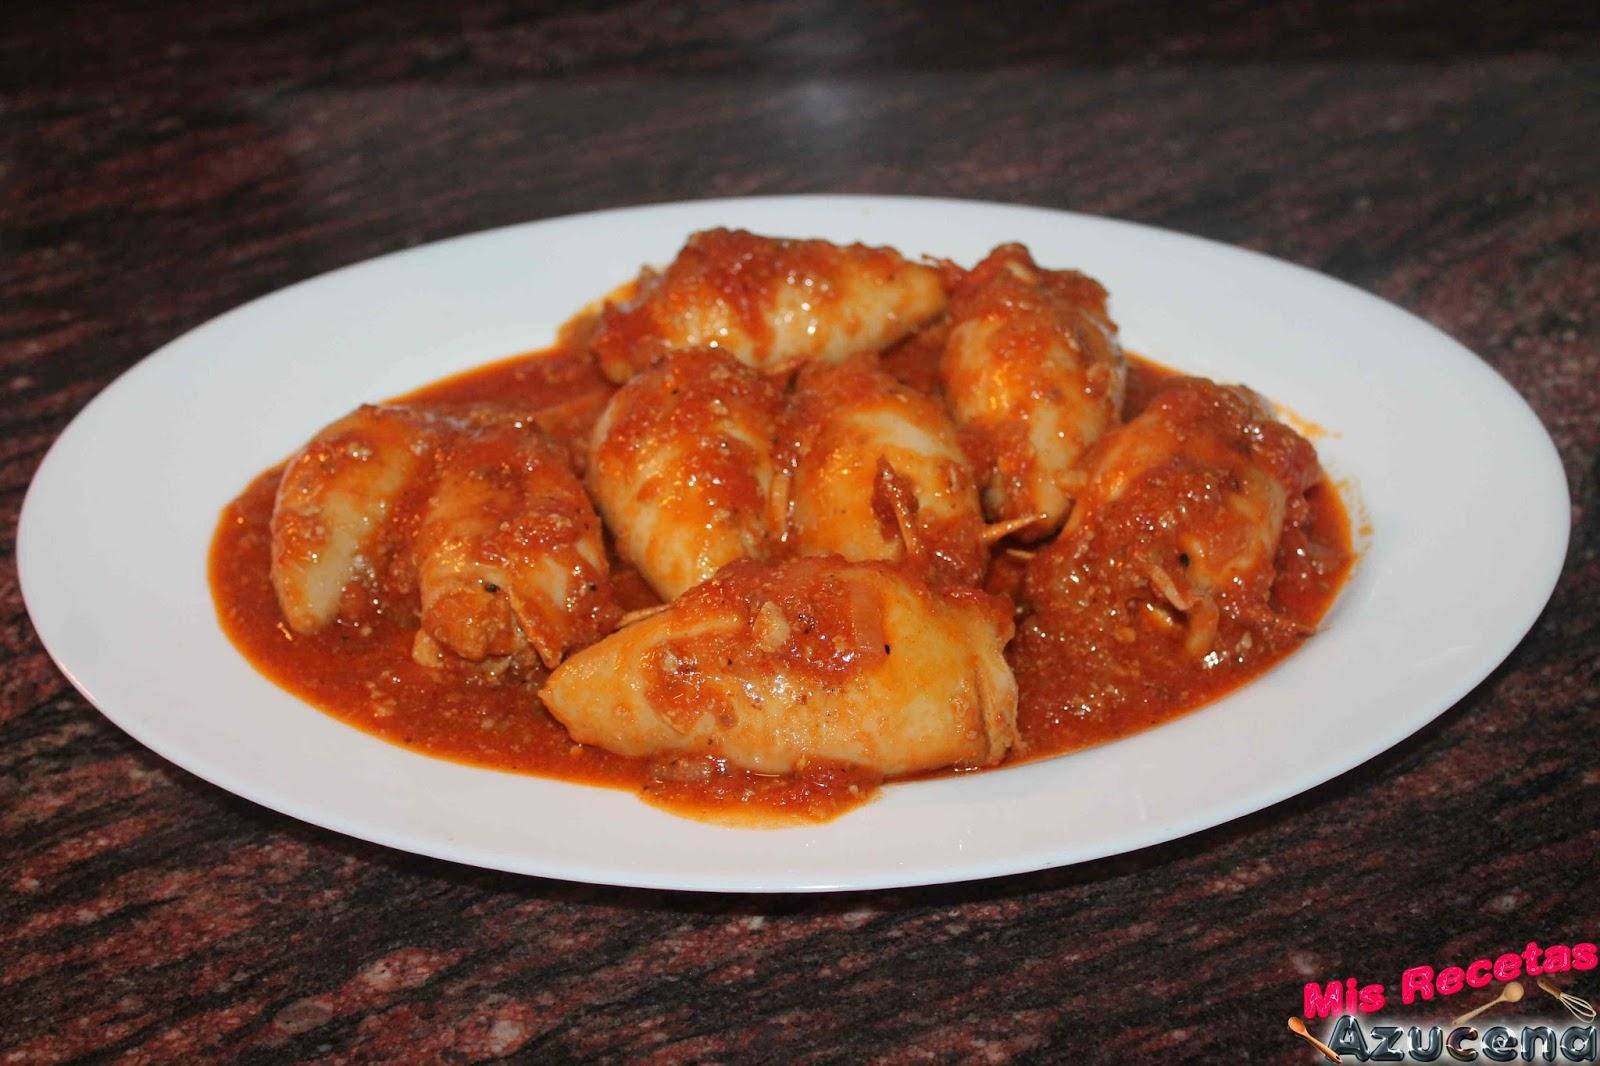 Mis recetas calamares rellenos de carne con salsa - Salsa para calamares rellenos ...